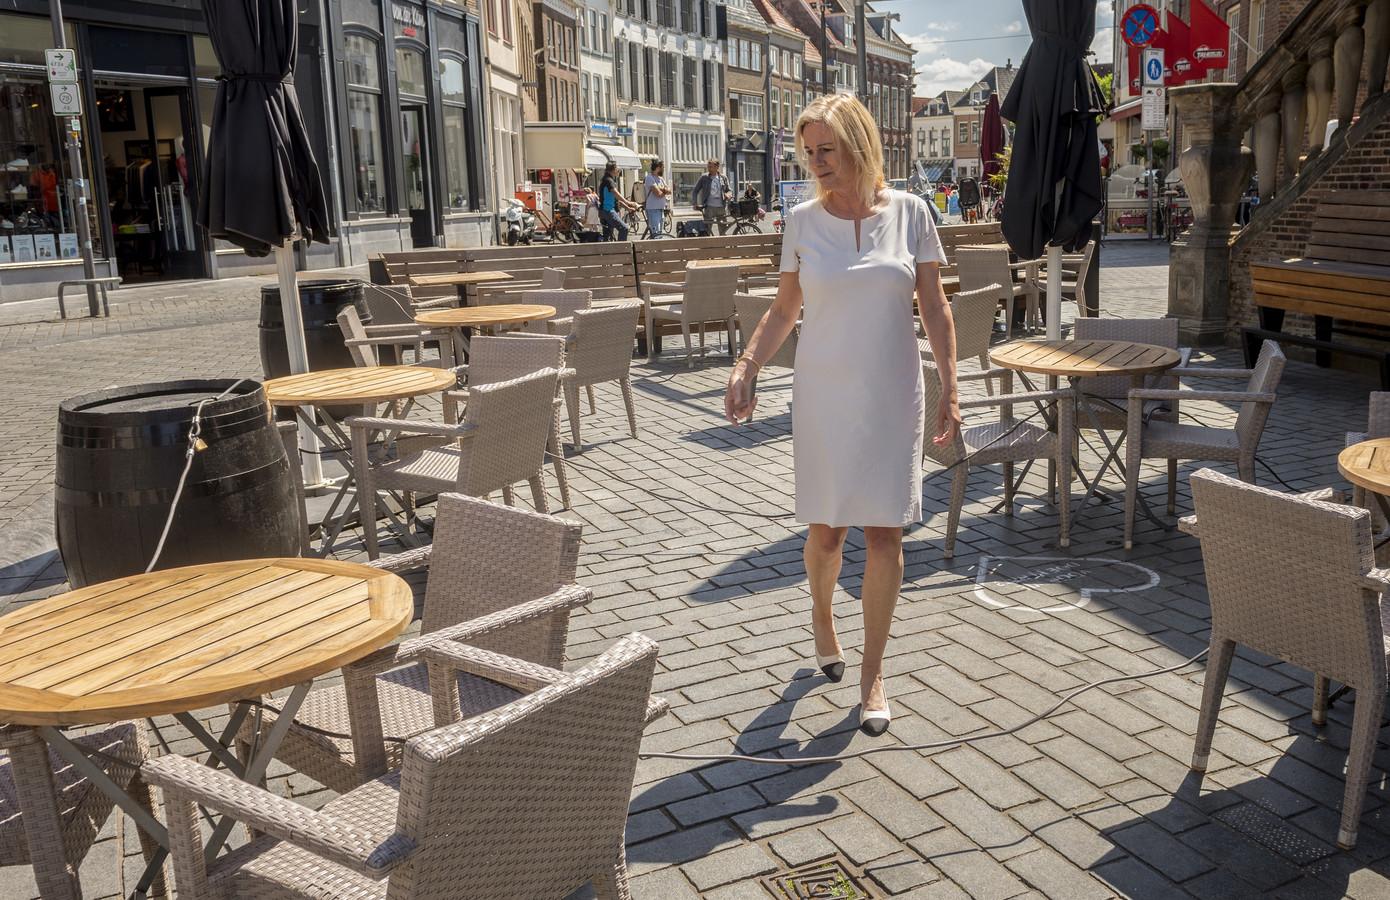 Burgemeester Annemieke Vermeulen neemt een kijkje in de binnenstad van Zutphen, waar de terrassen langzaam worden uitgezet. De verantwoordelijkheid hiervoor legt ze neer bij de ondernemers. ,,Als er problemen dreigen te ontstaan dan pakt de gemeente die verantwoordelijkheid.''